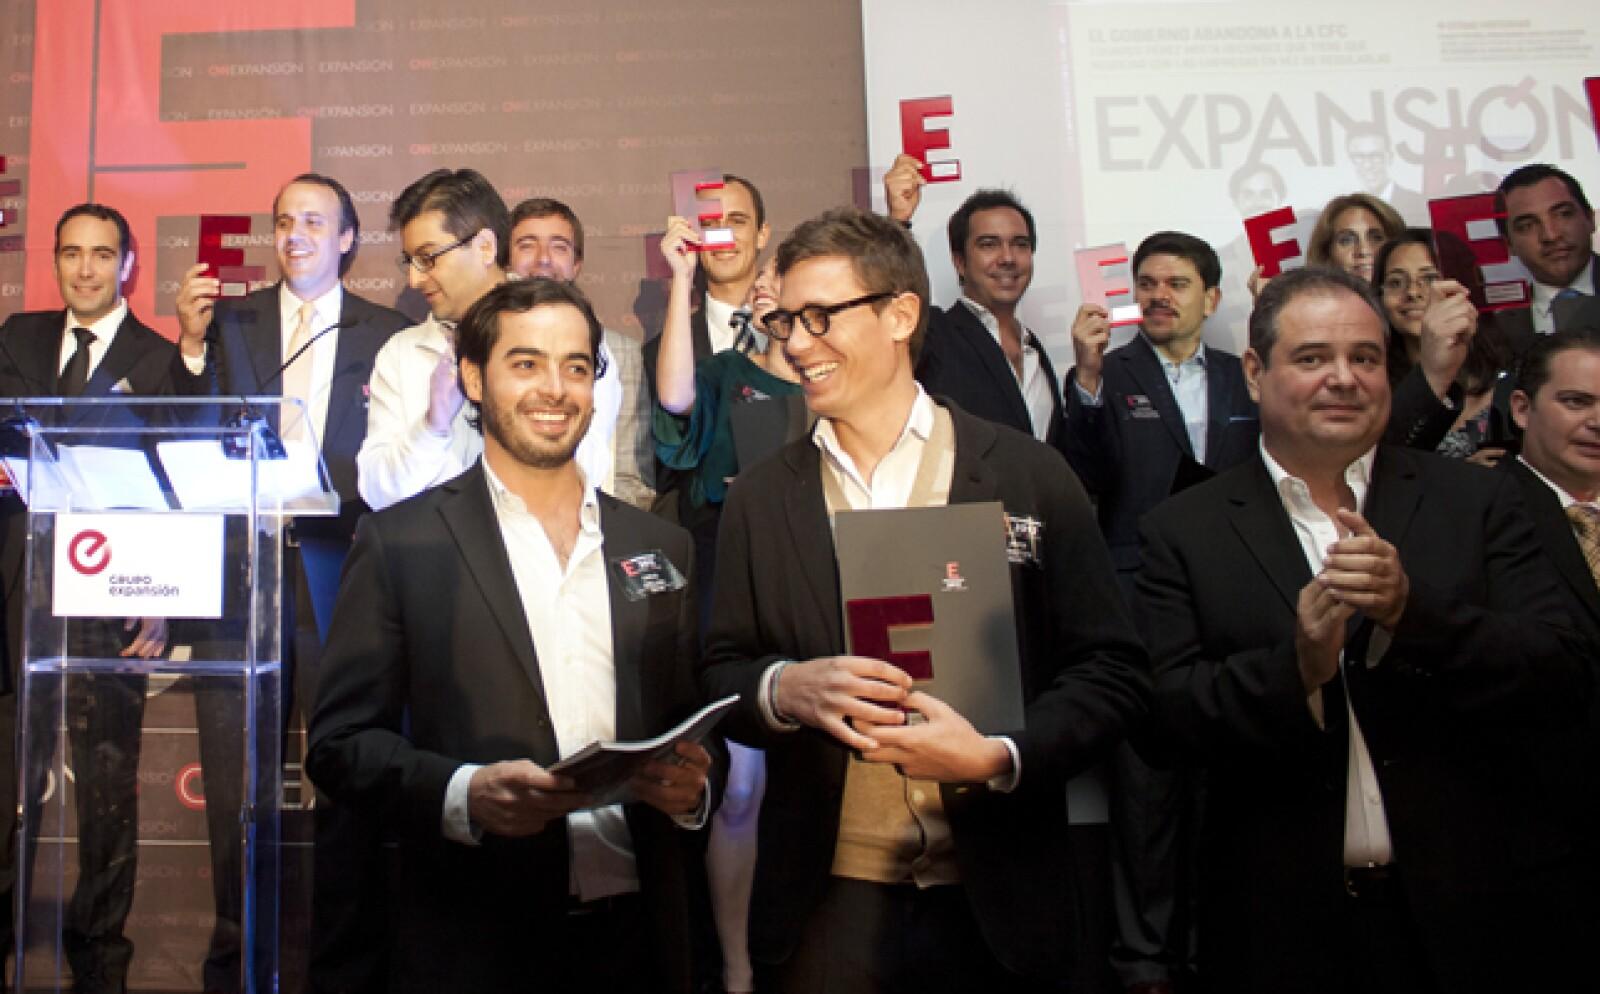 salaUno, dirigido por Carlos Orellana y Javier Okhuysen, se llevaron la distinción de Emprendedores 2012 en la categoría Alto Potencial.